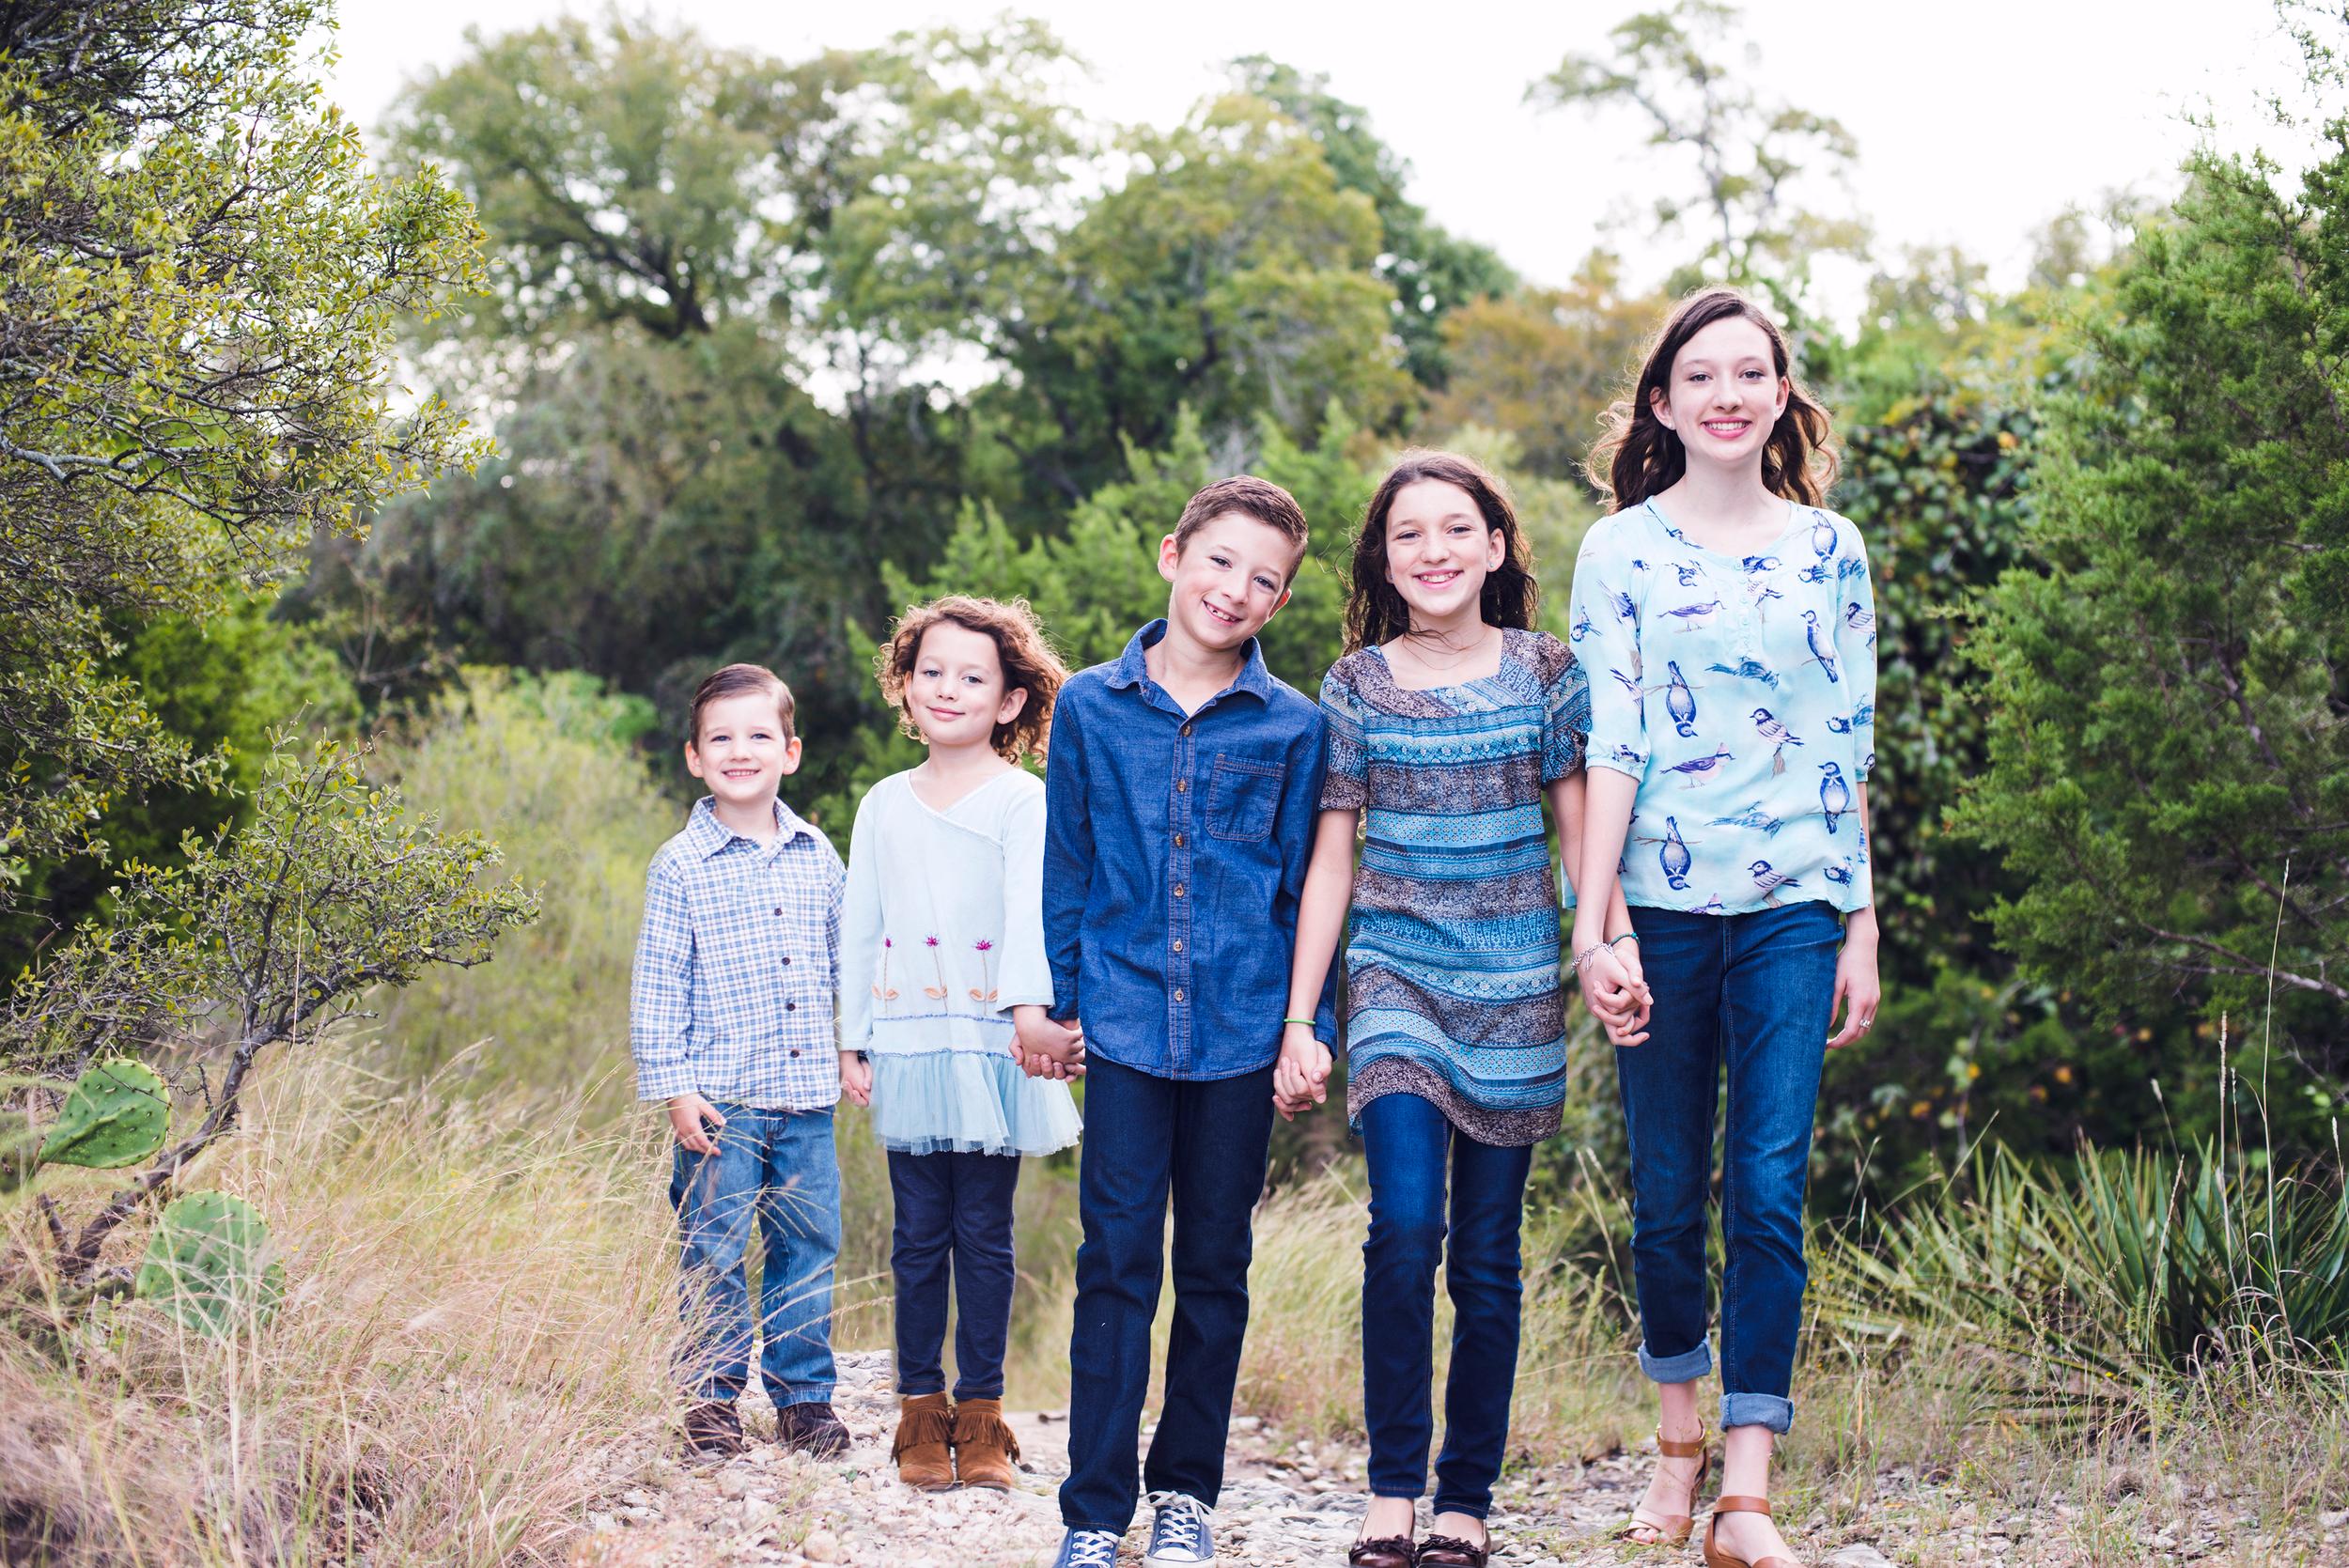 atxfamilyphotography